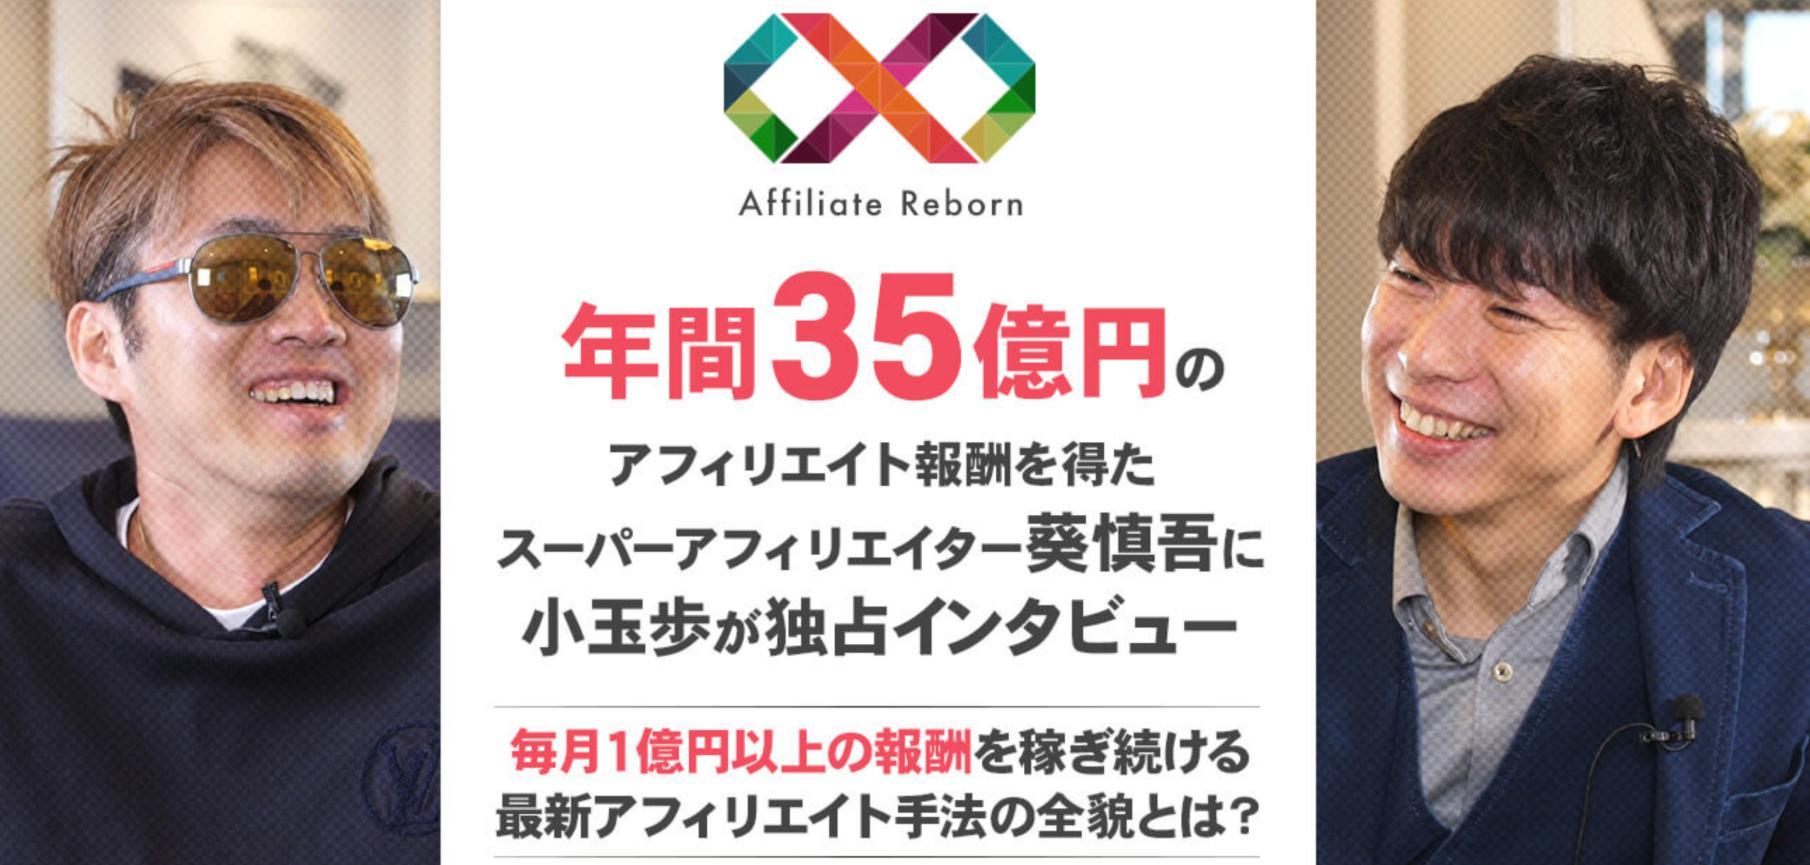 葵慎吾×小玉歩 アフィリエイトリボーン